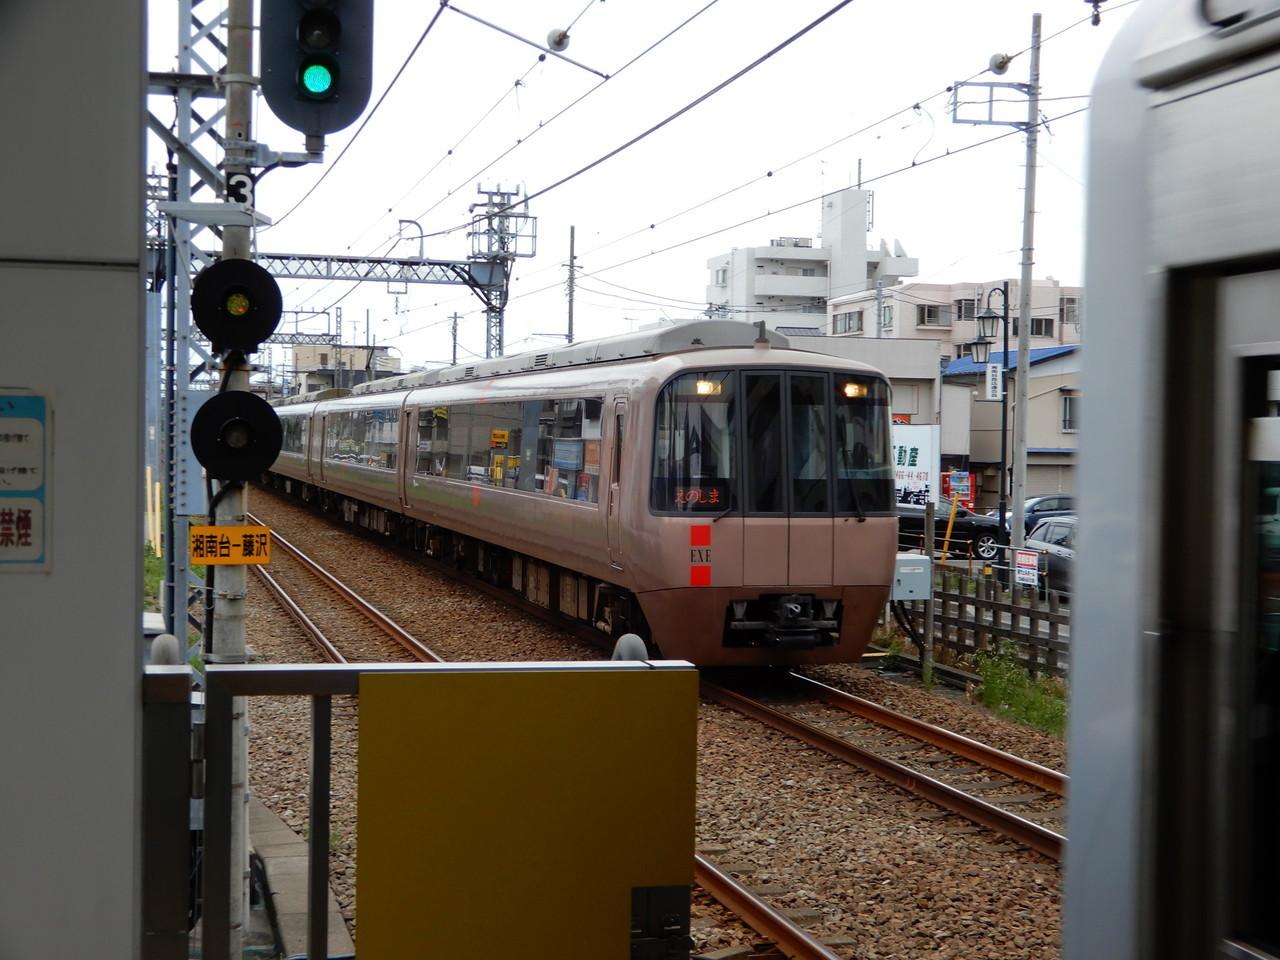 対向列車に被られた小田急えのしま号